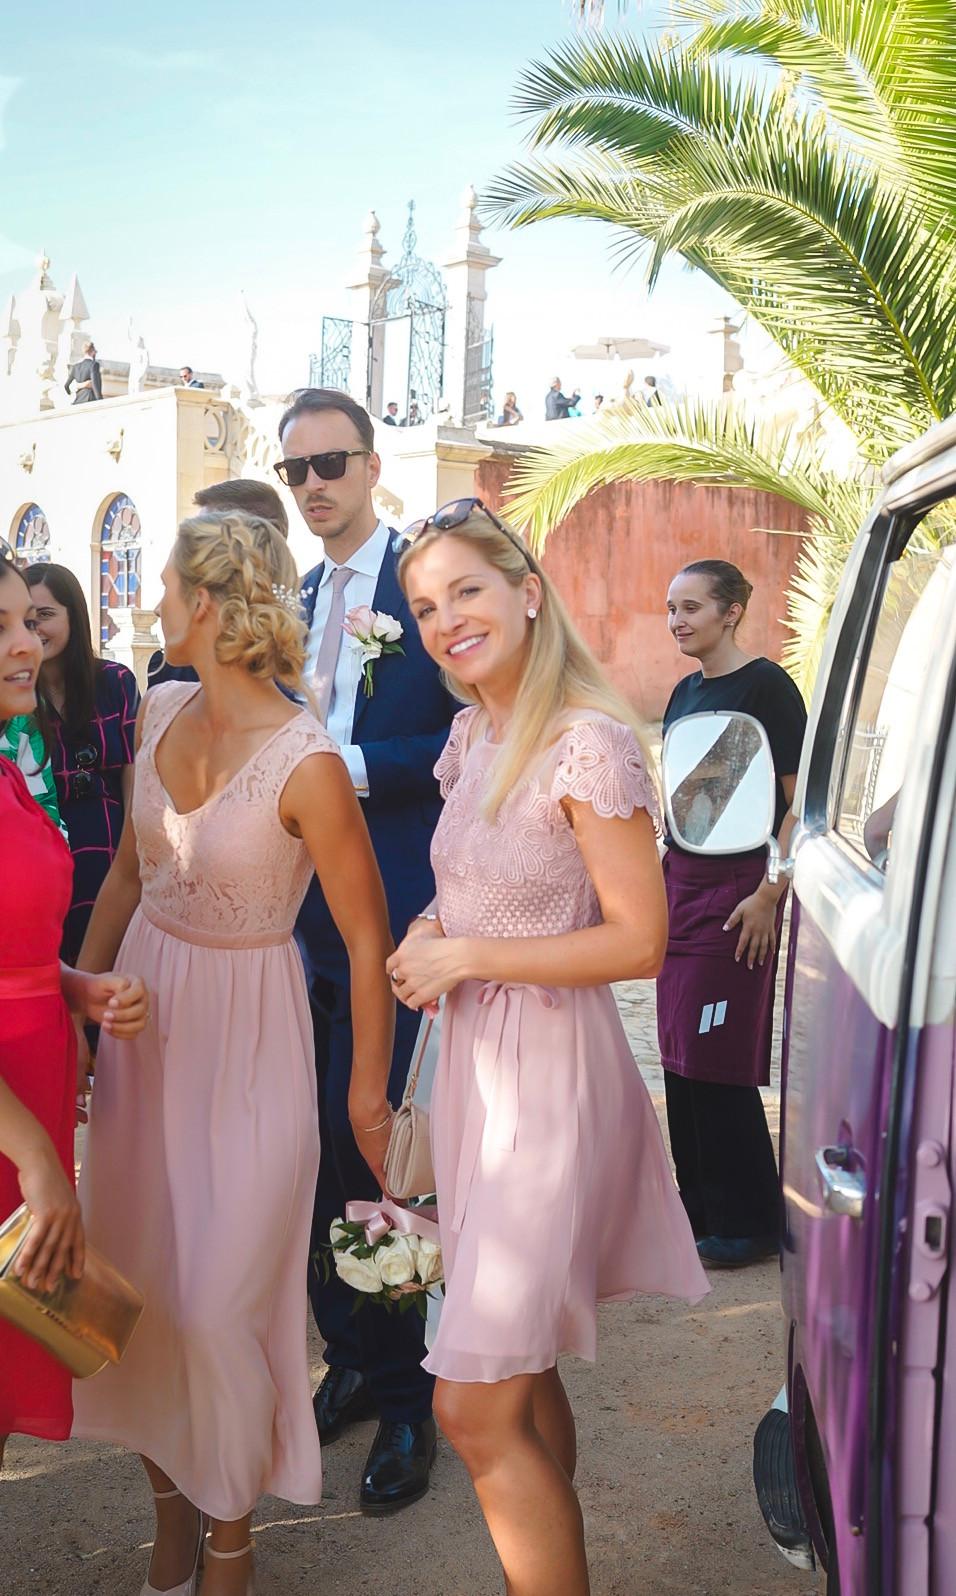 Bridesmaid outside Algarve Photobus photo booth in front of Pousada de Estoi Wedding Venue Algarve Portugal